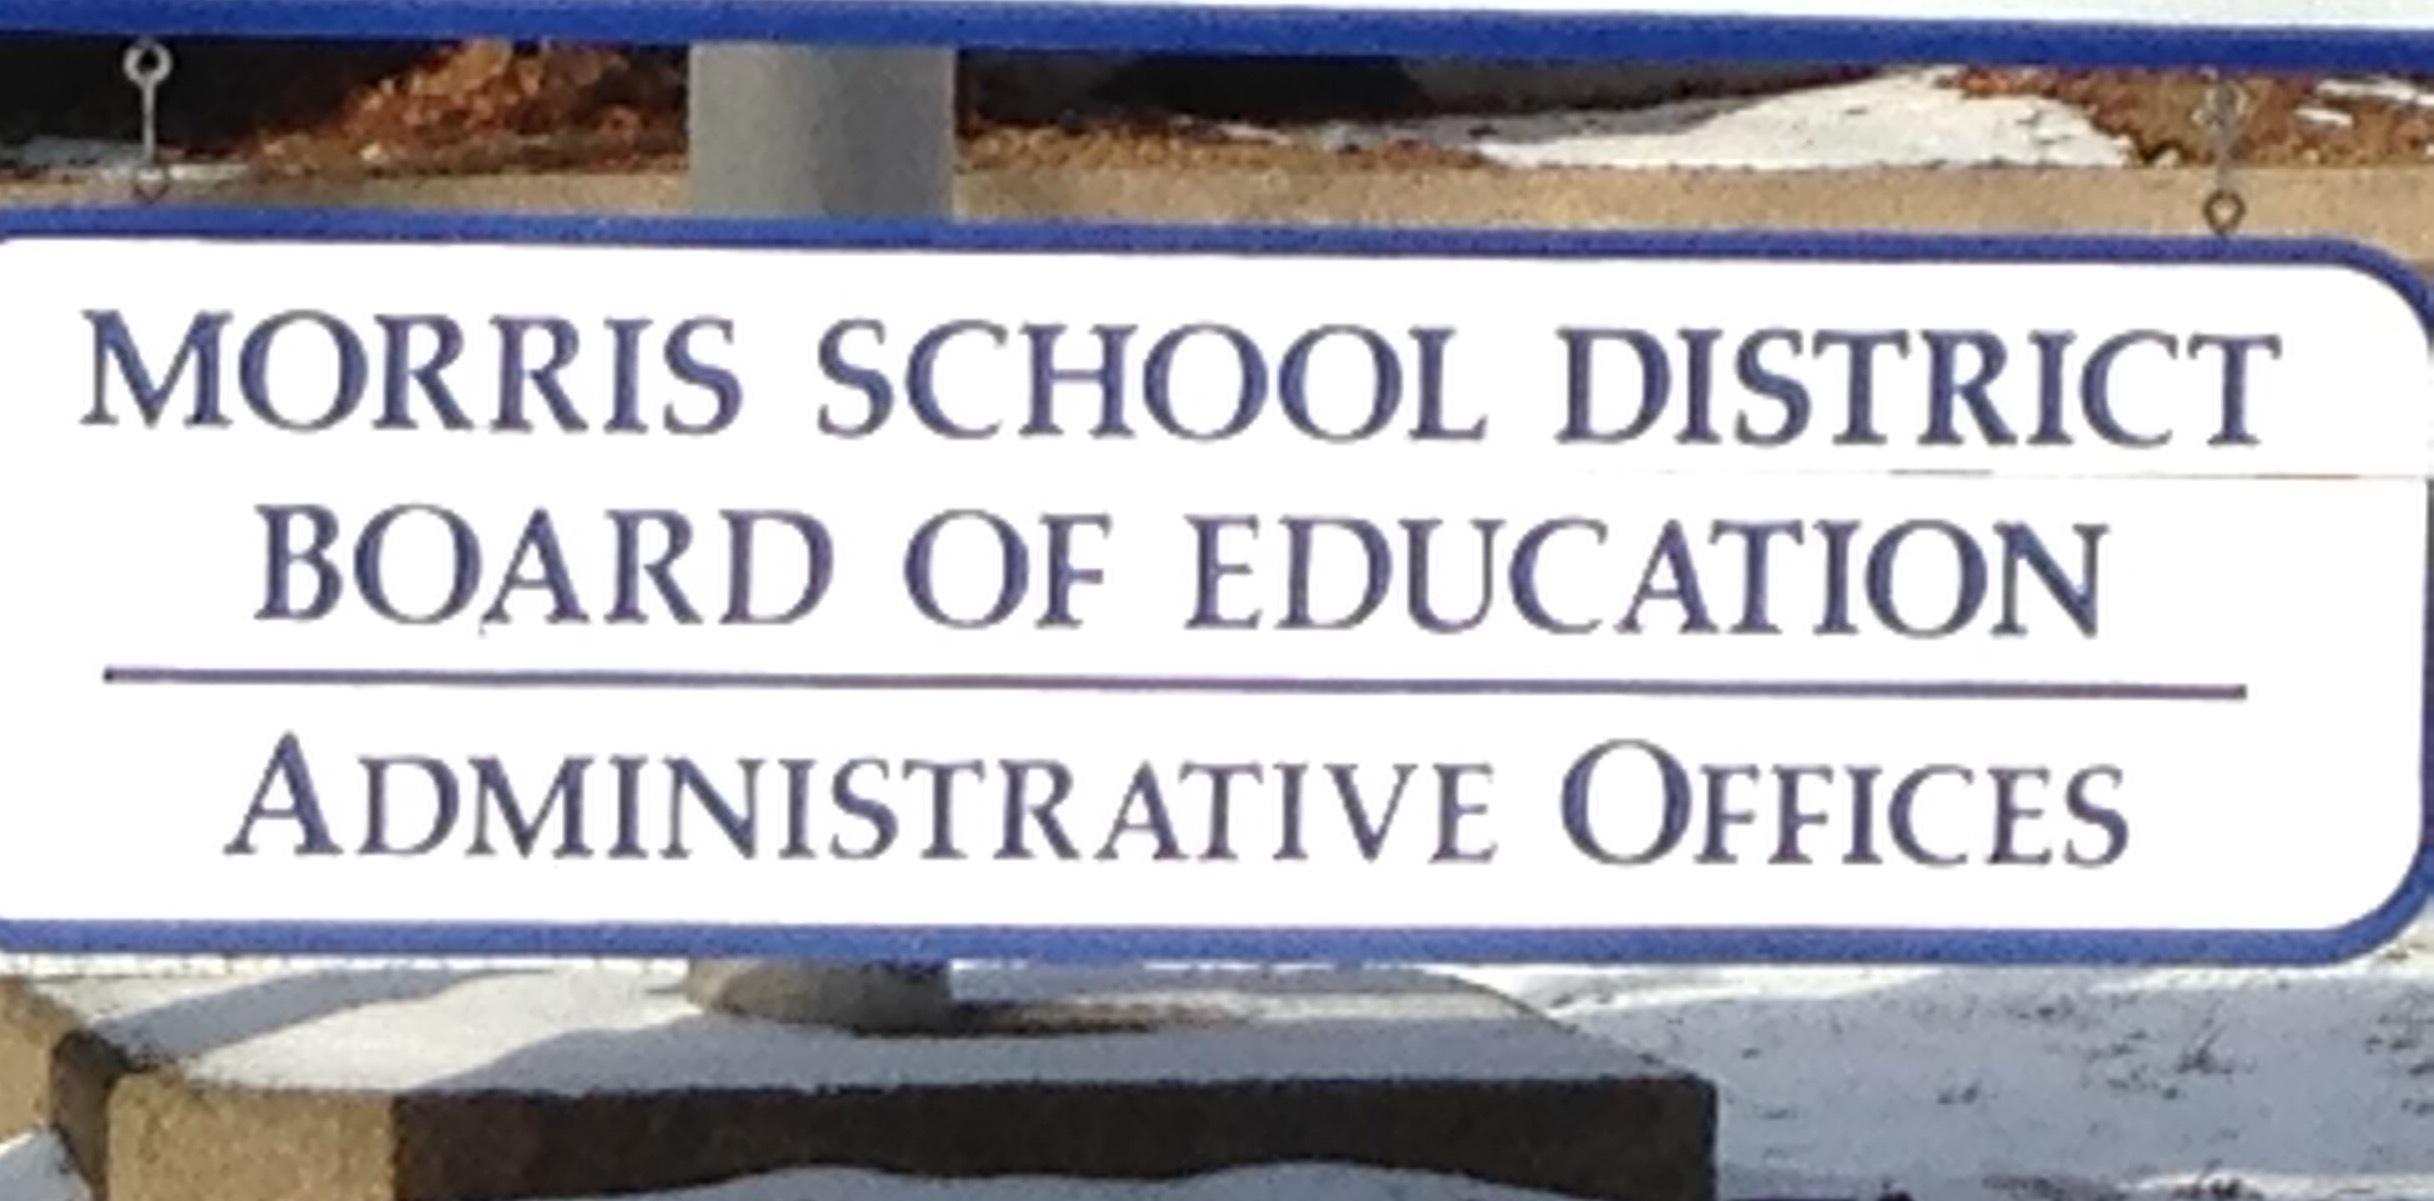 faf1421e1866bddc6d55_morris_school_district.jpg